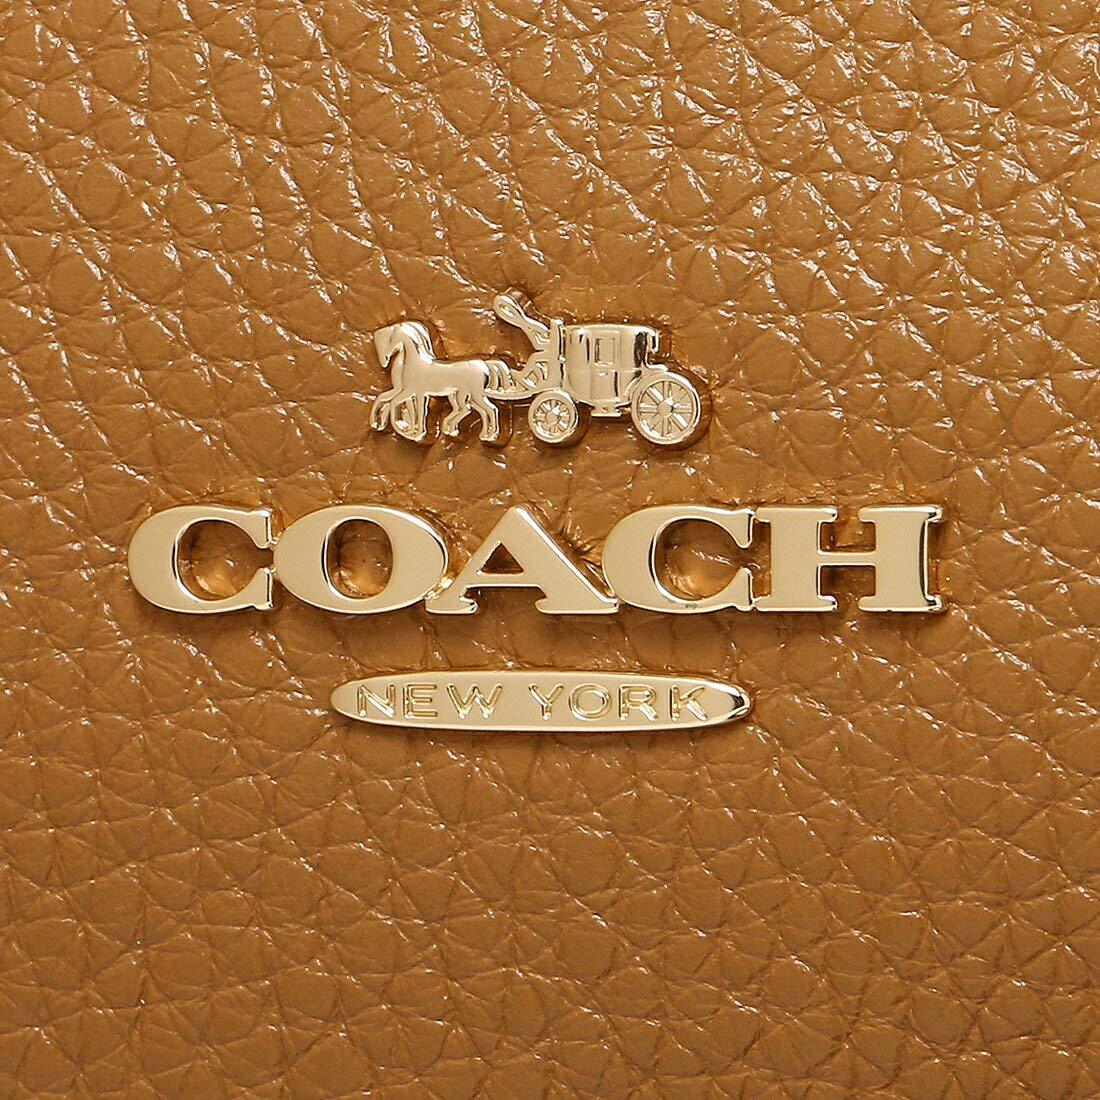 89063f402ea3 Amazon.co.jp: [コーチ]ショルダーバッグ アウトレット レディース COACH F34767 IMLQD ライトブラウン [並行輸入品]:  ジュエリー